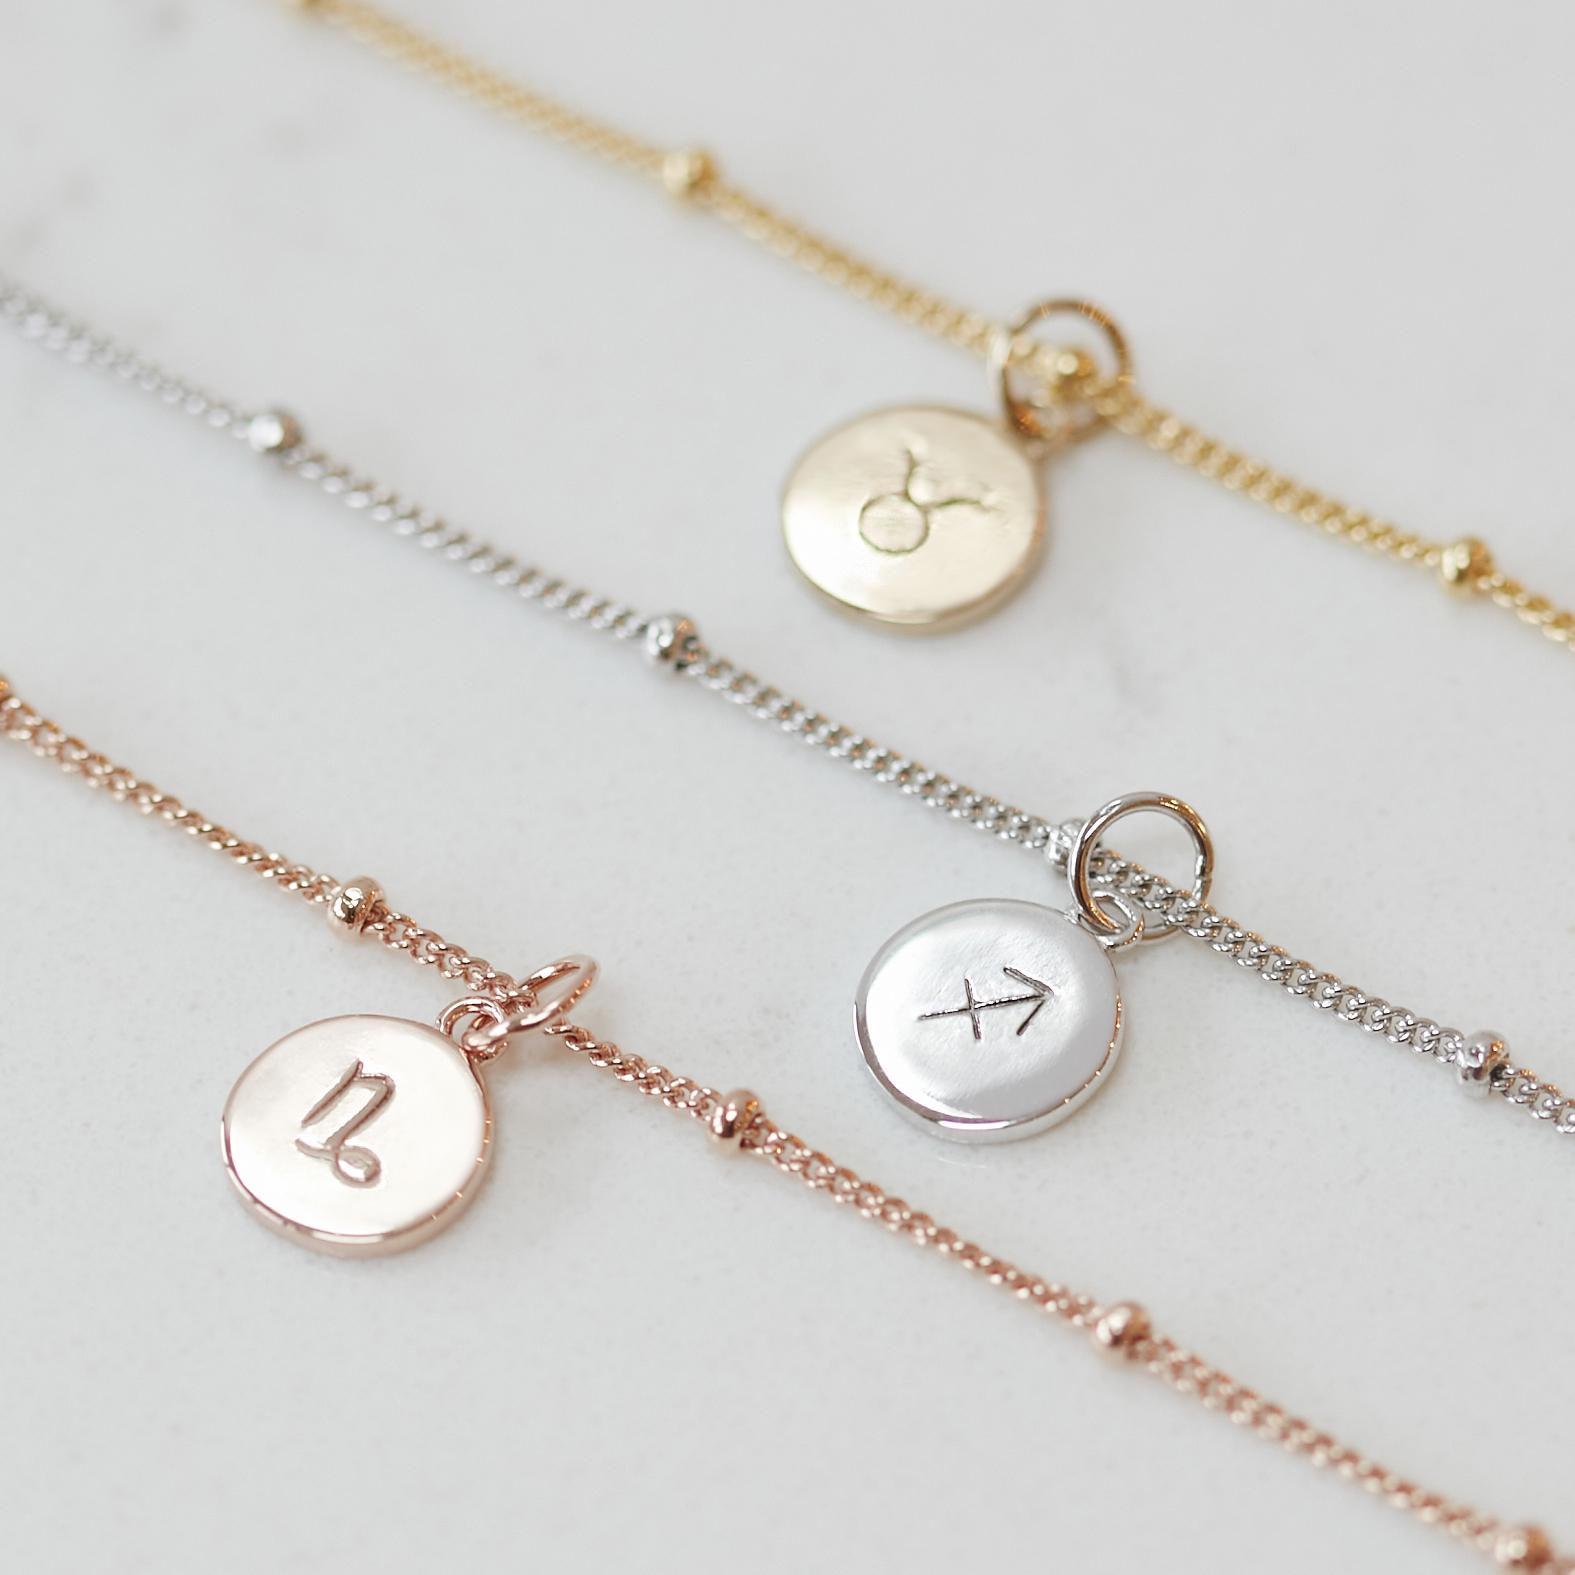 Muru Jewellery Three Zodiac Bracelets Laid Out